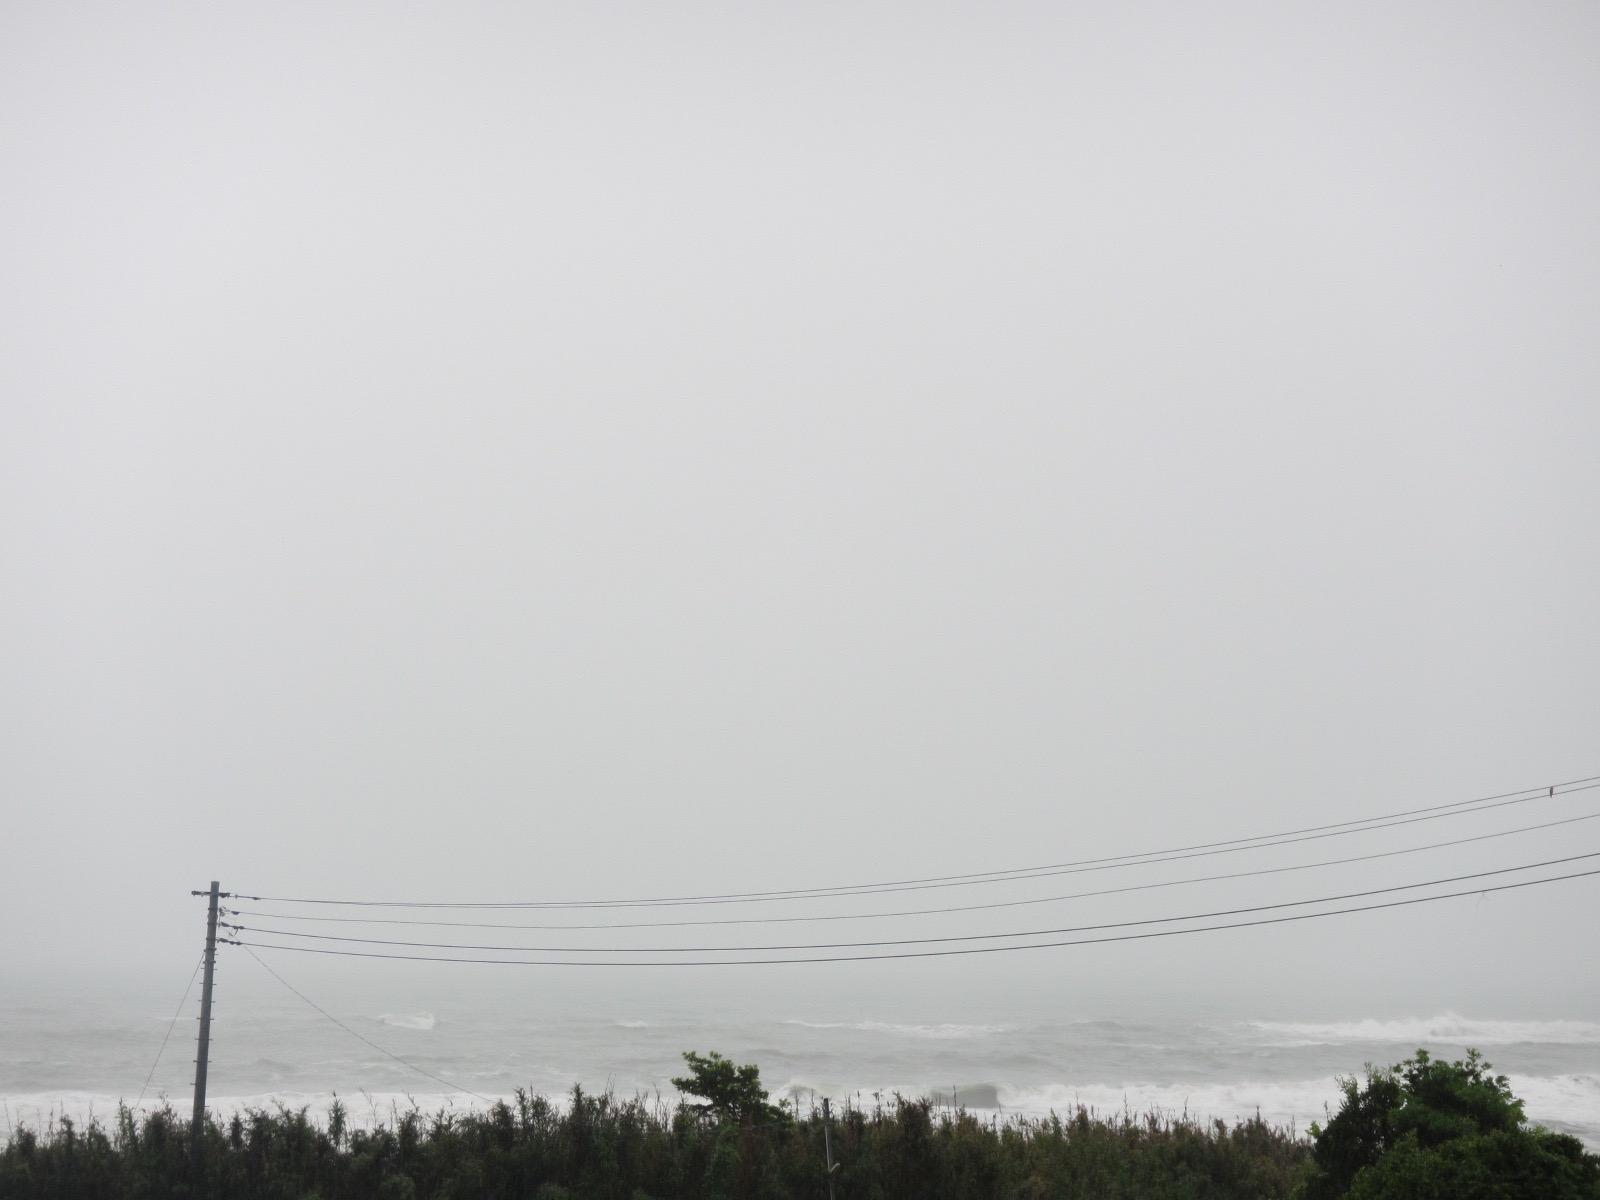 台風 - 2